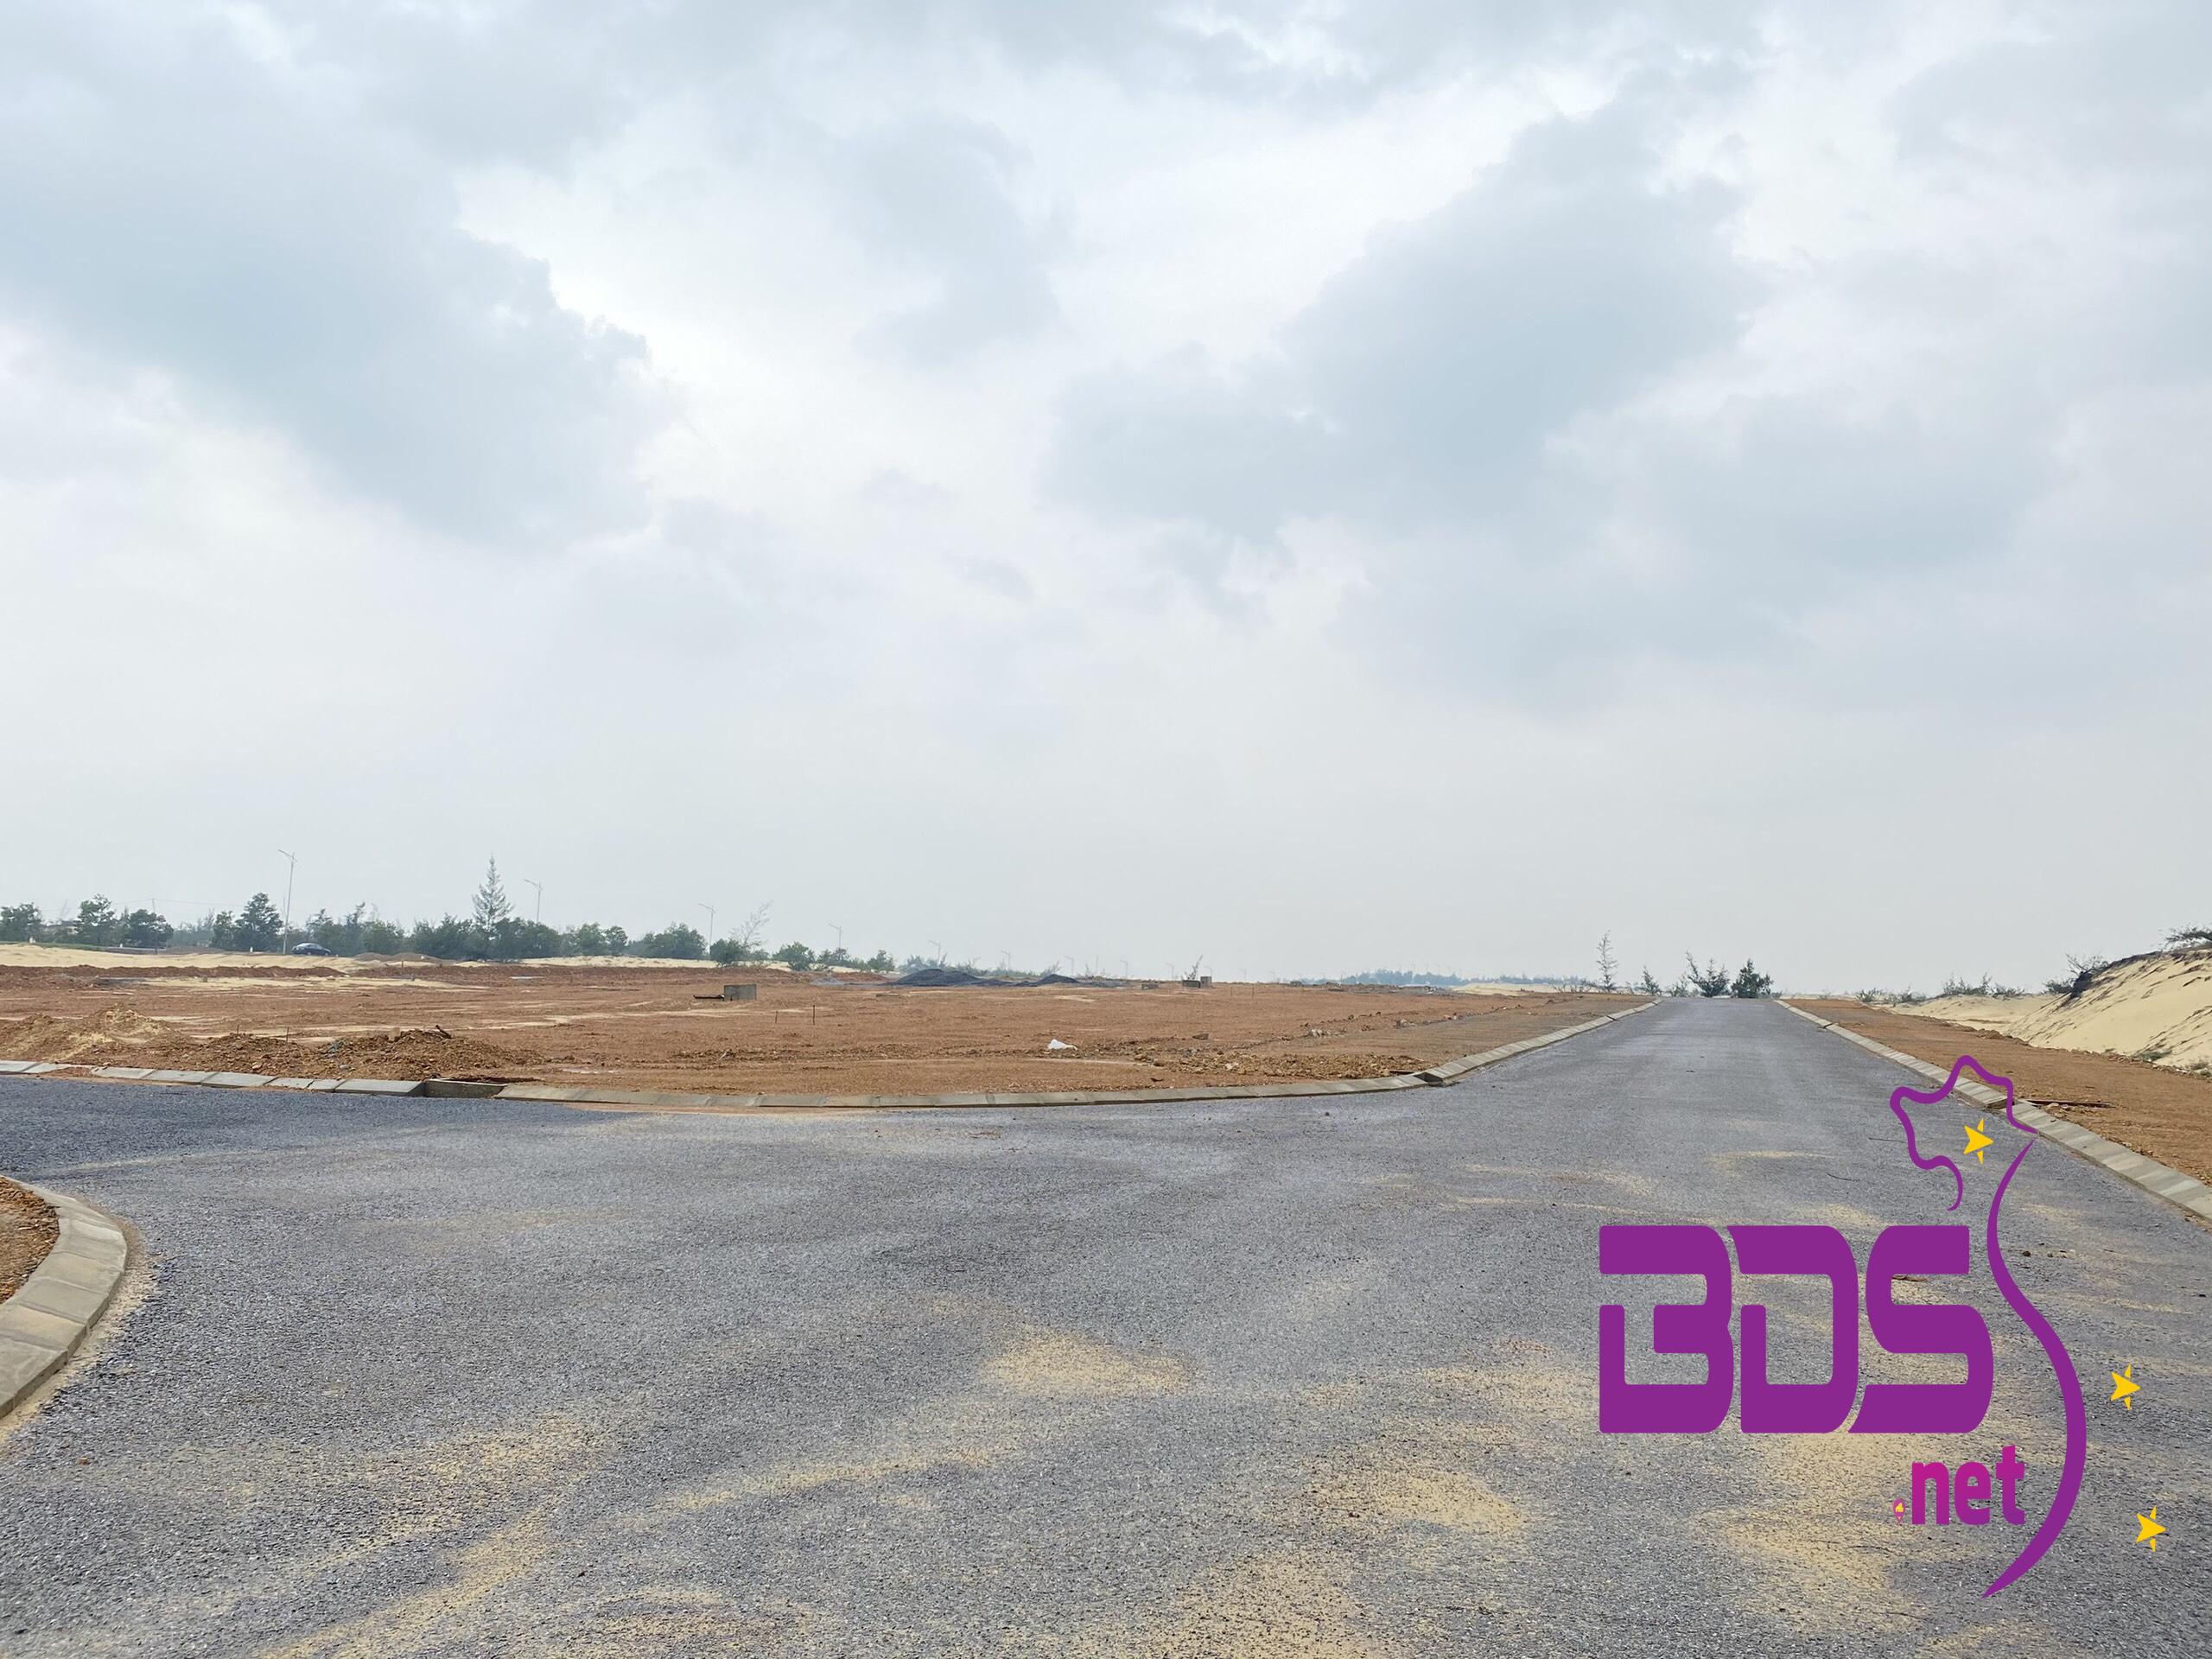 Đất nền trung tâm hành chính huyện Quảng Ninh giá mềm-2